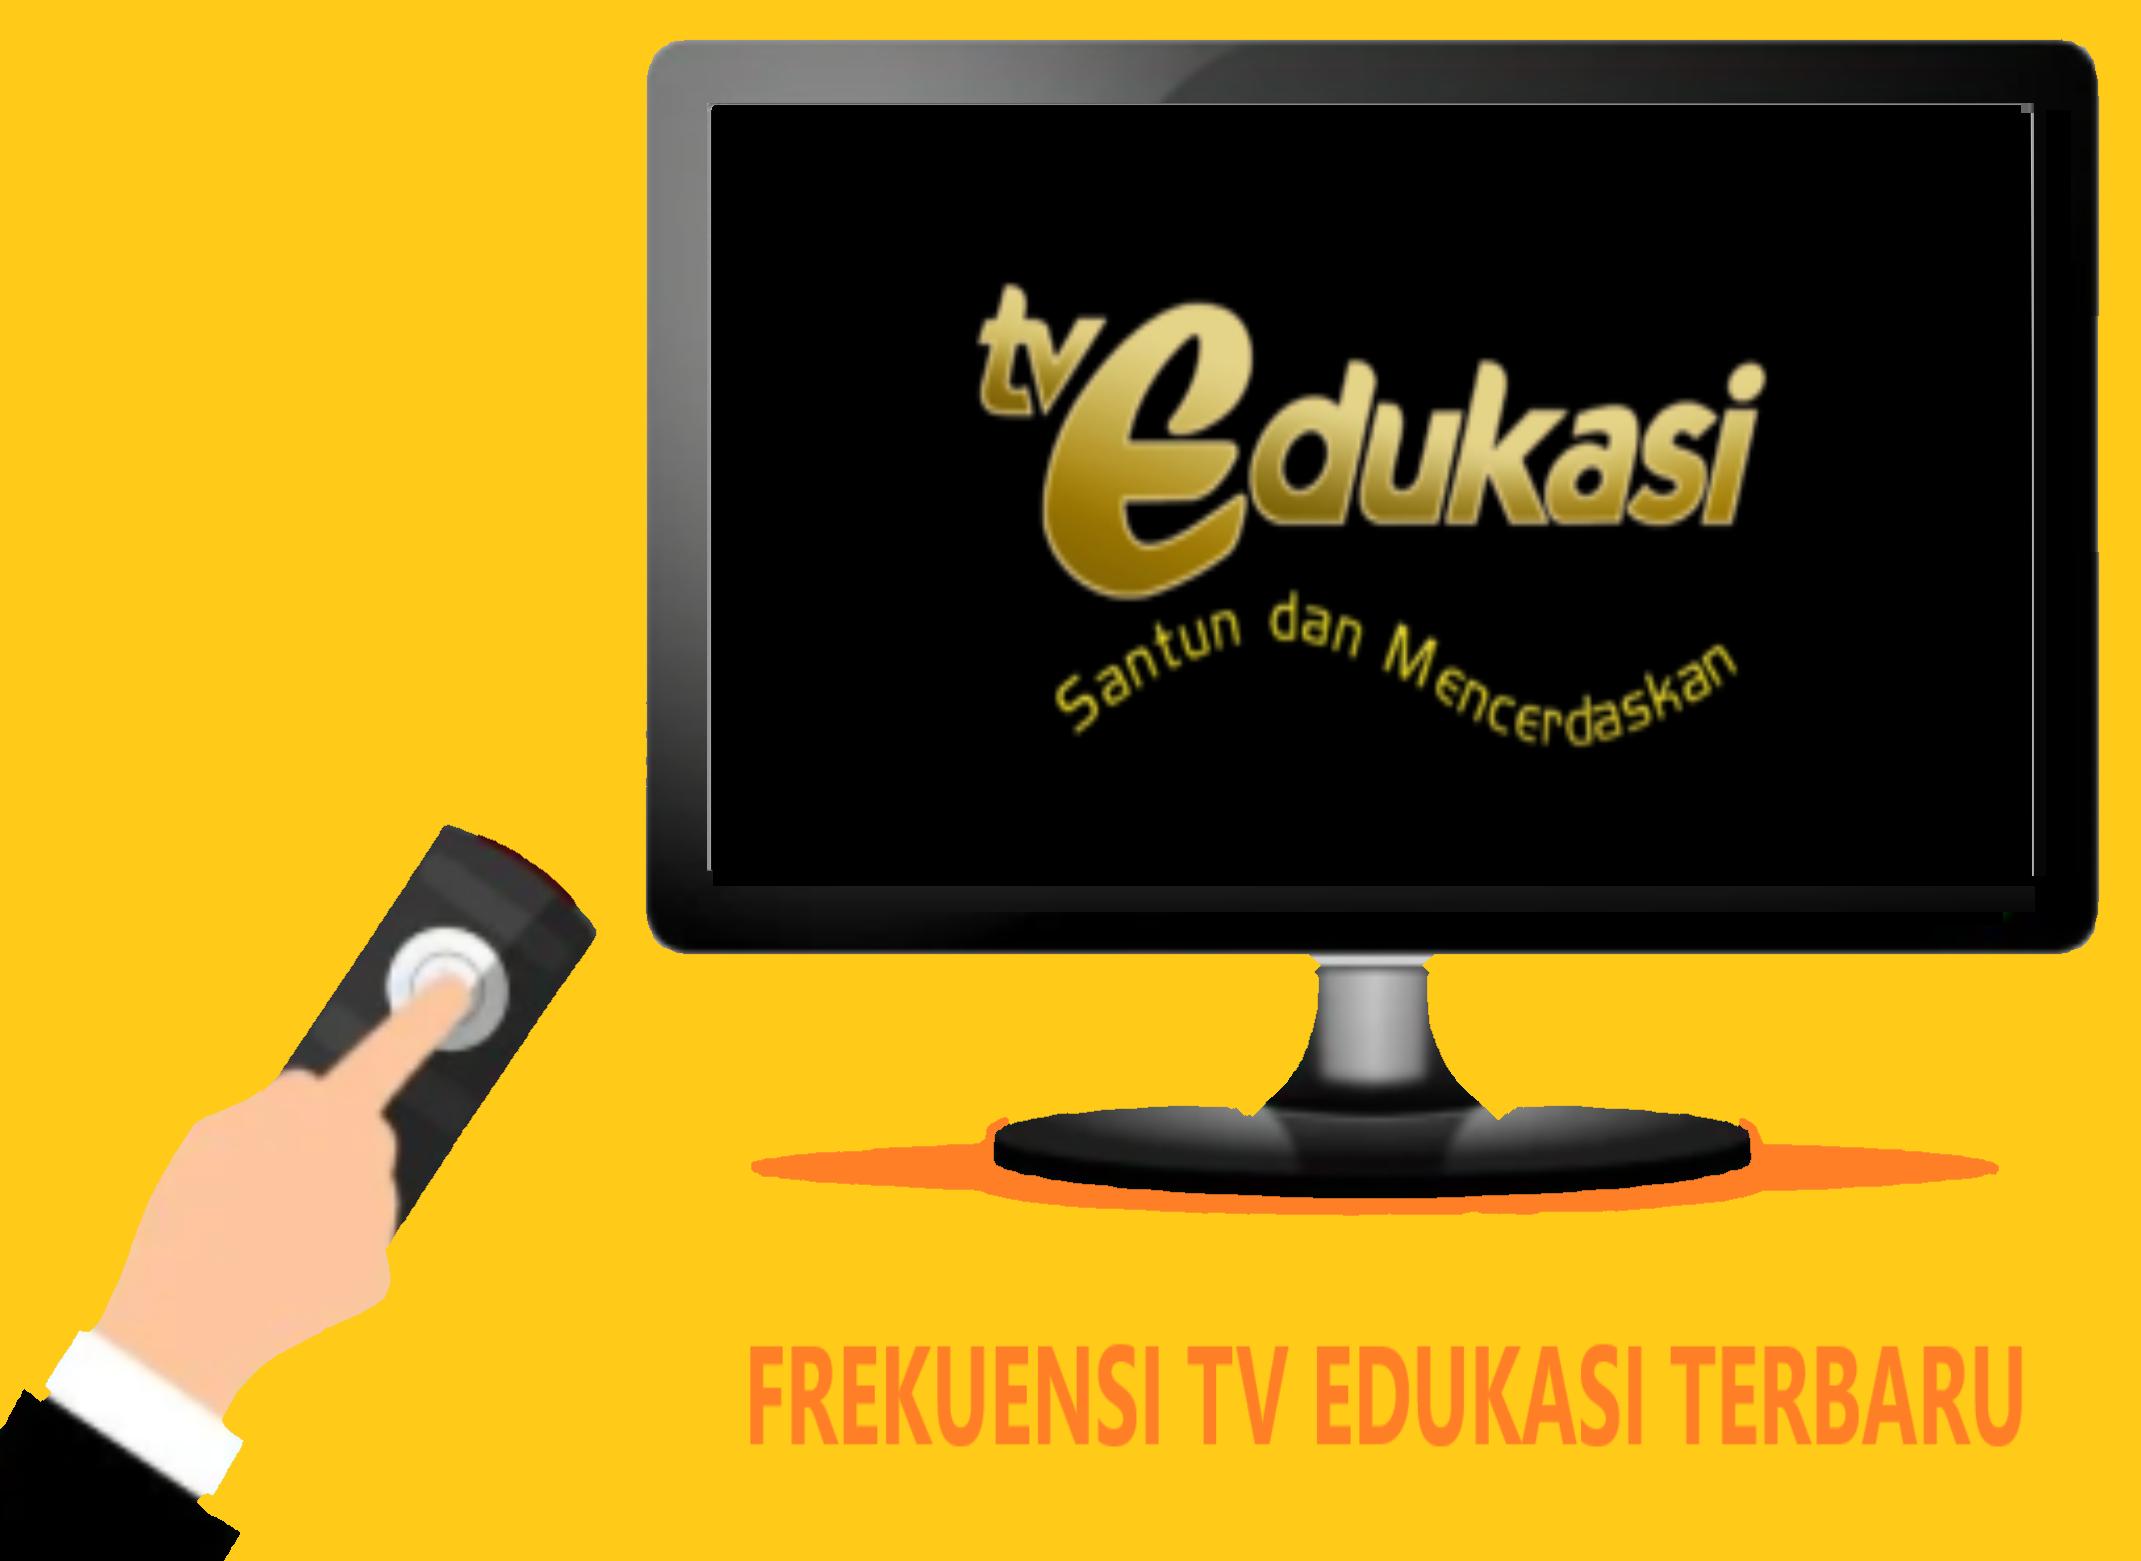 Frekuensi TV Edukasi Terbaru Di Telkom 4 Update 2020